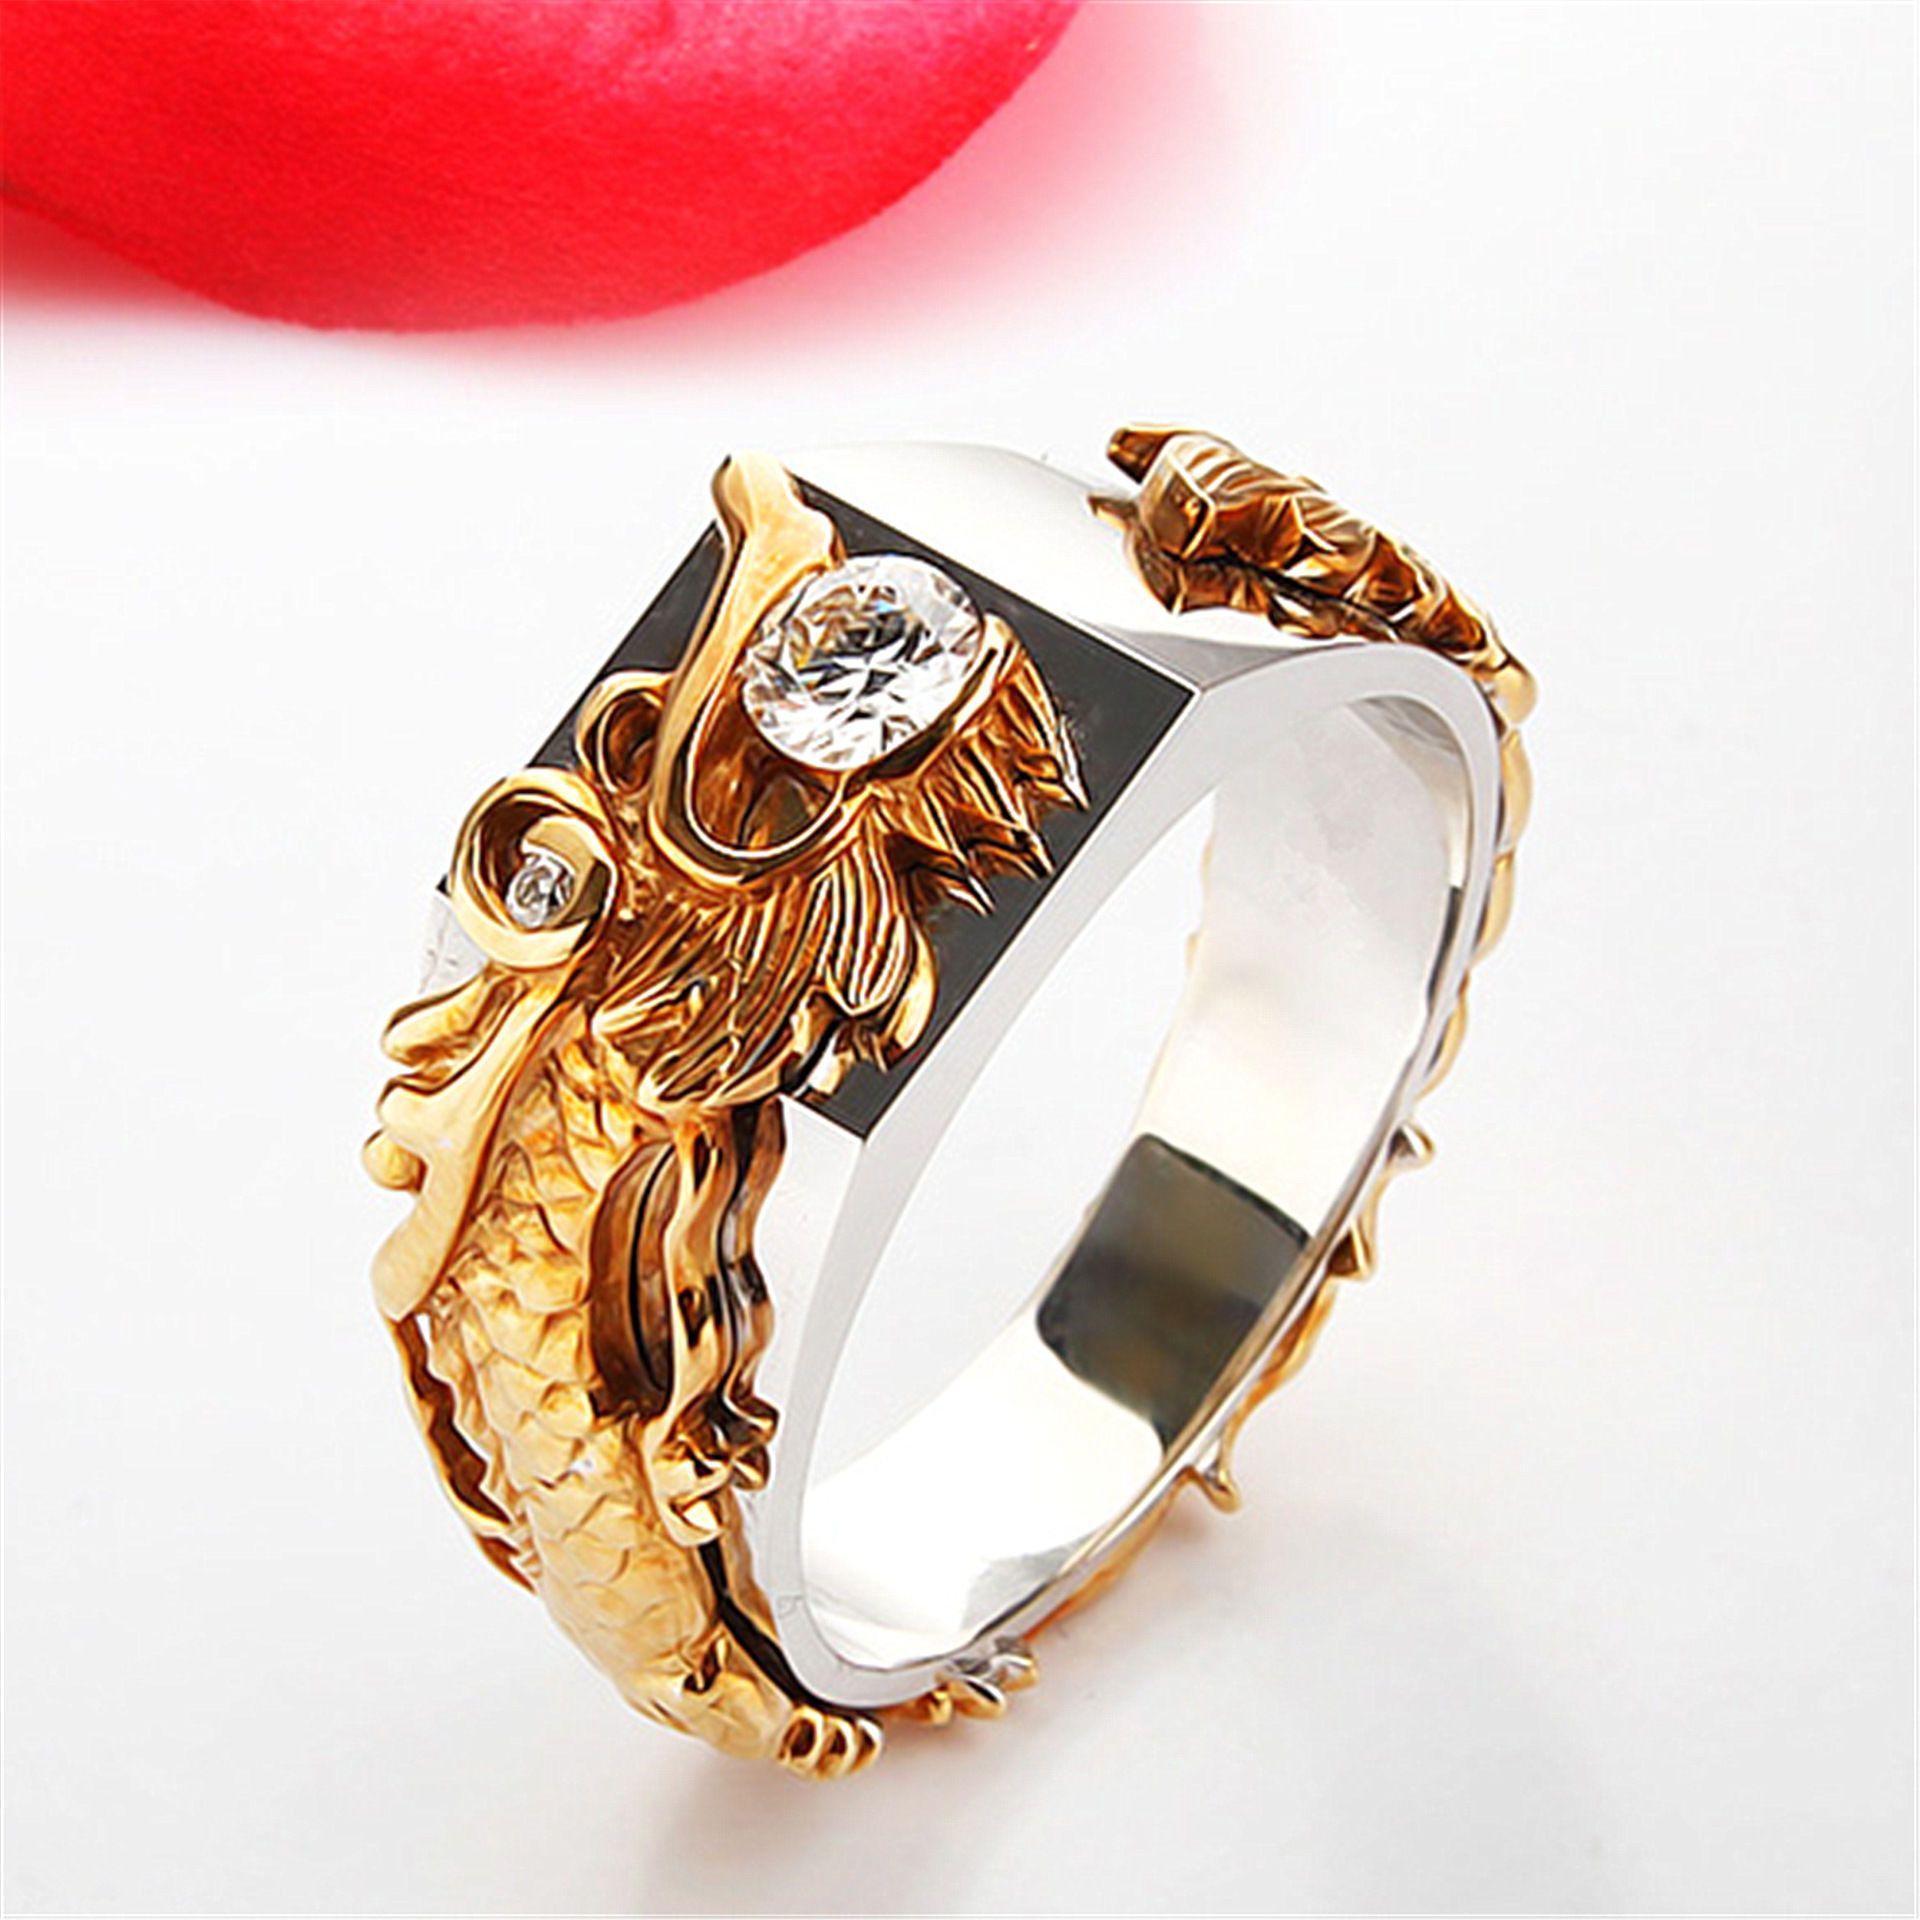 Anillos de la joyería del dragón del color del oro Anillo de cristal de acero de la manera Los varones diseñan los anillos del circón para el hombre